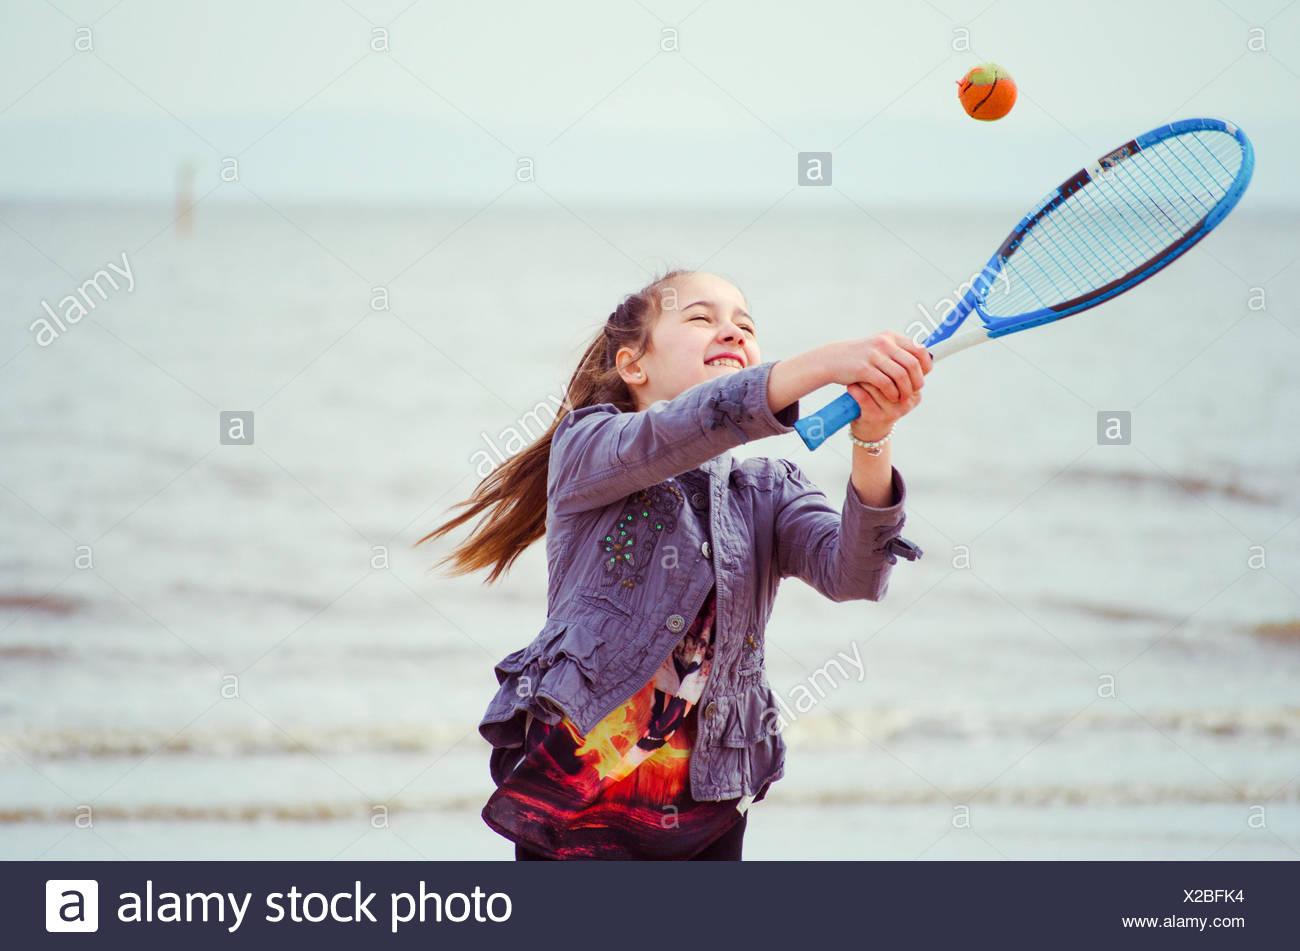 Ragazza giocando a tennis sulla spiaggia Immagini Stock